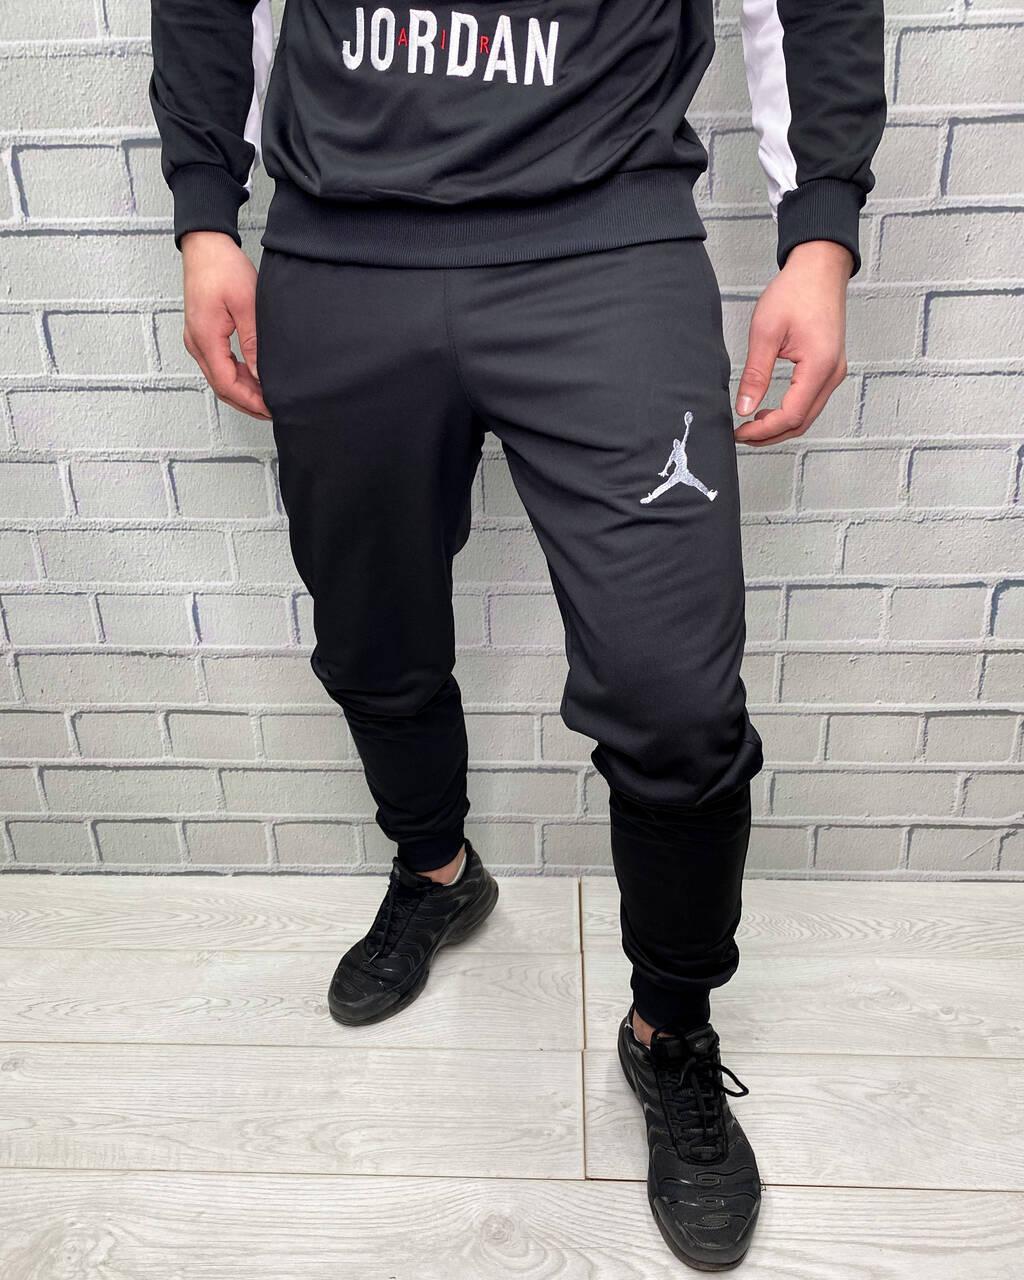 Спорт штаны мужские найк джордан от костюма Nike черные на манжете зауженные M